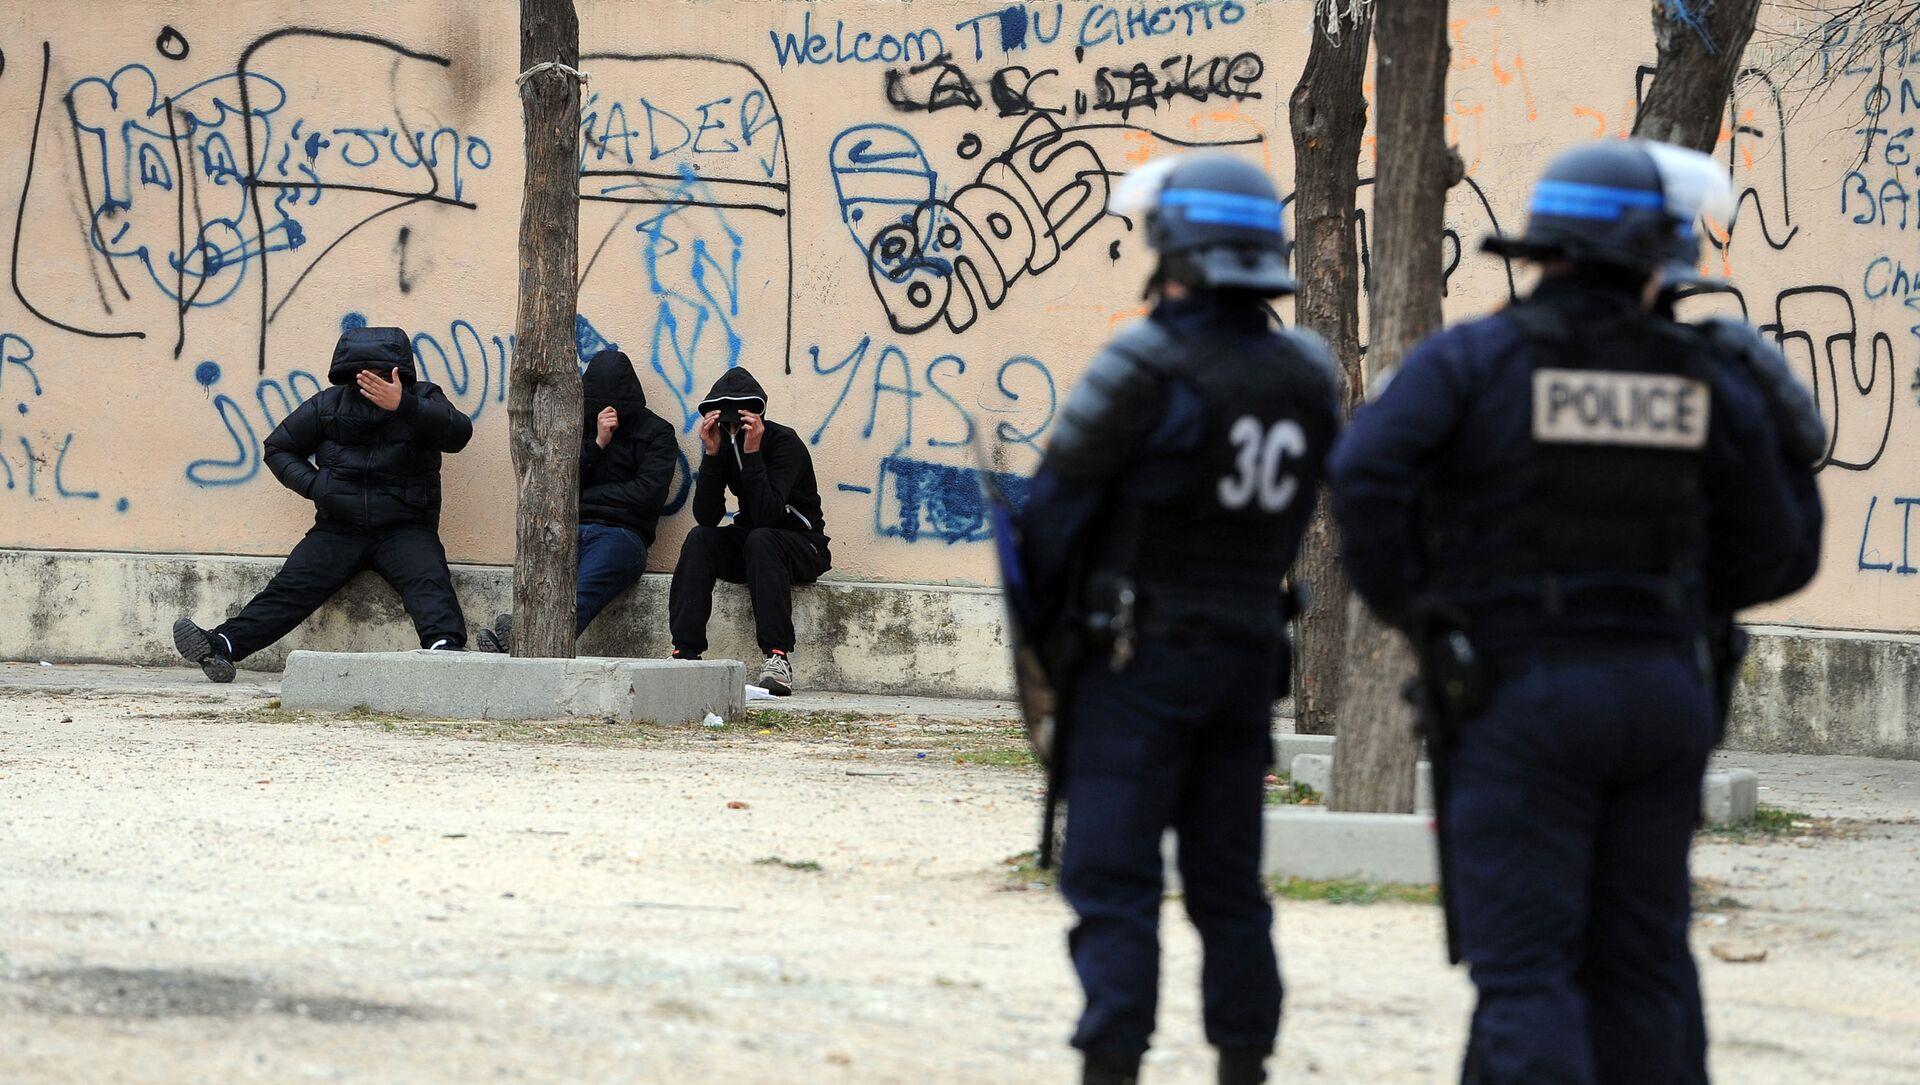 Des policiers français lors d'une opération de police contre la prolifération des stupéfiants et des armes dans les quartiers nord de Marseille, janvier 2012 - Sputnik France, 1920, 23.08.2021